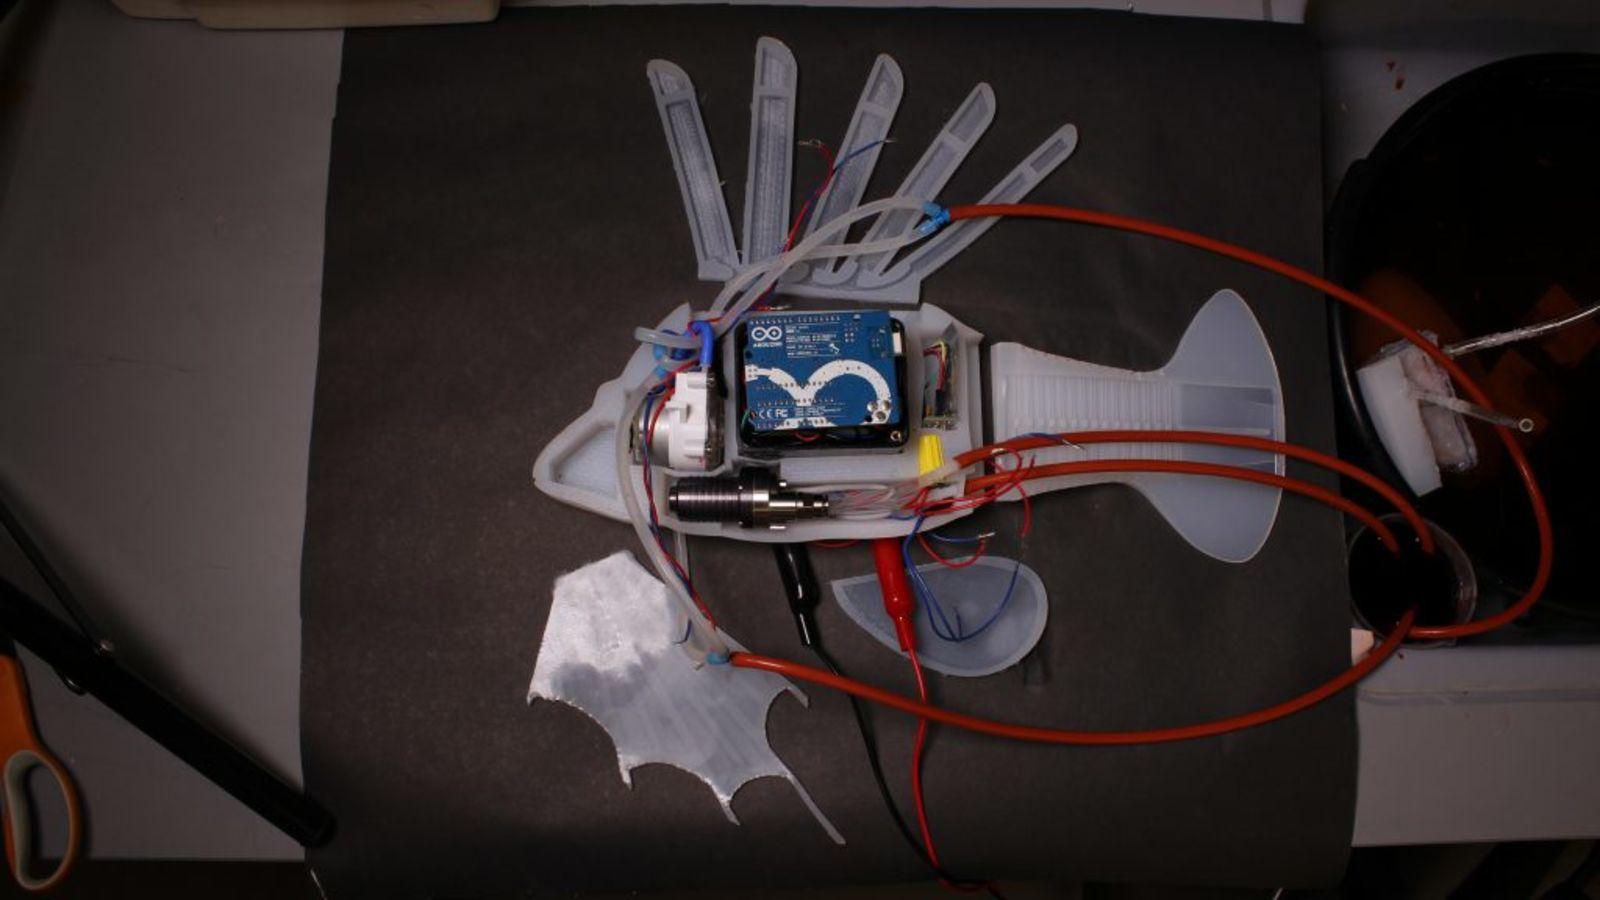 Obrázek: Robotická ryba sumělou krví působí jako živá